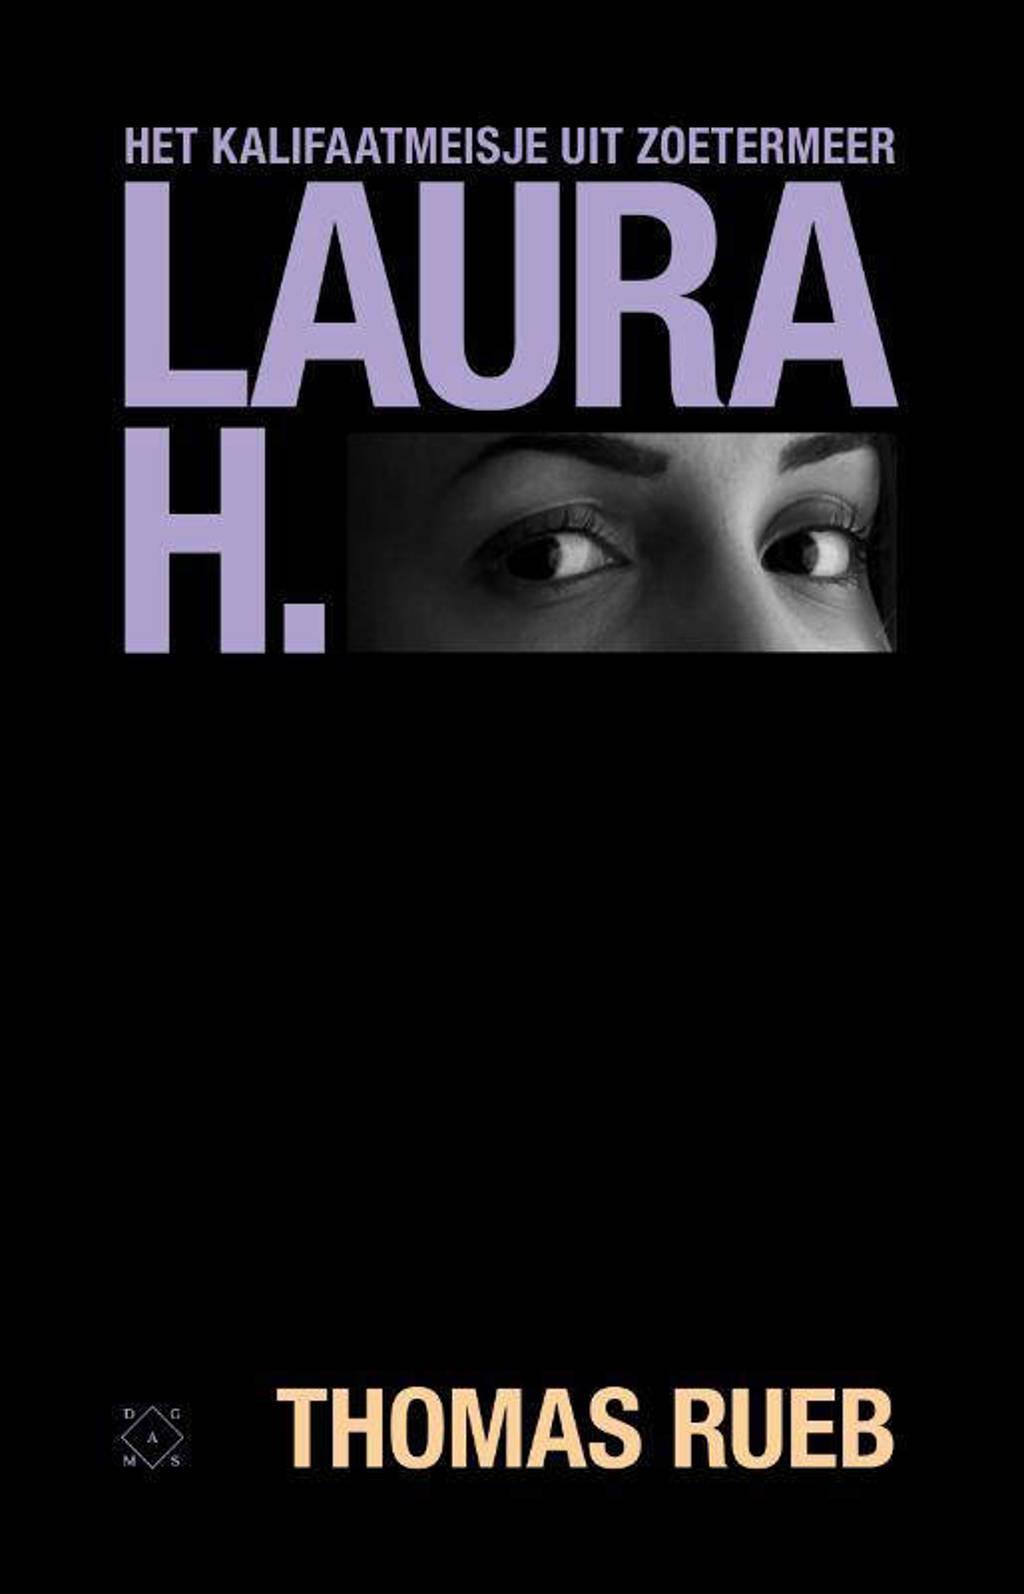 Laura H. - Thomas Rueb